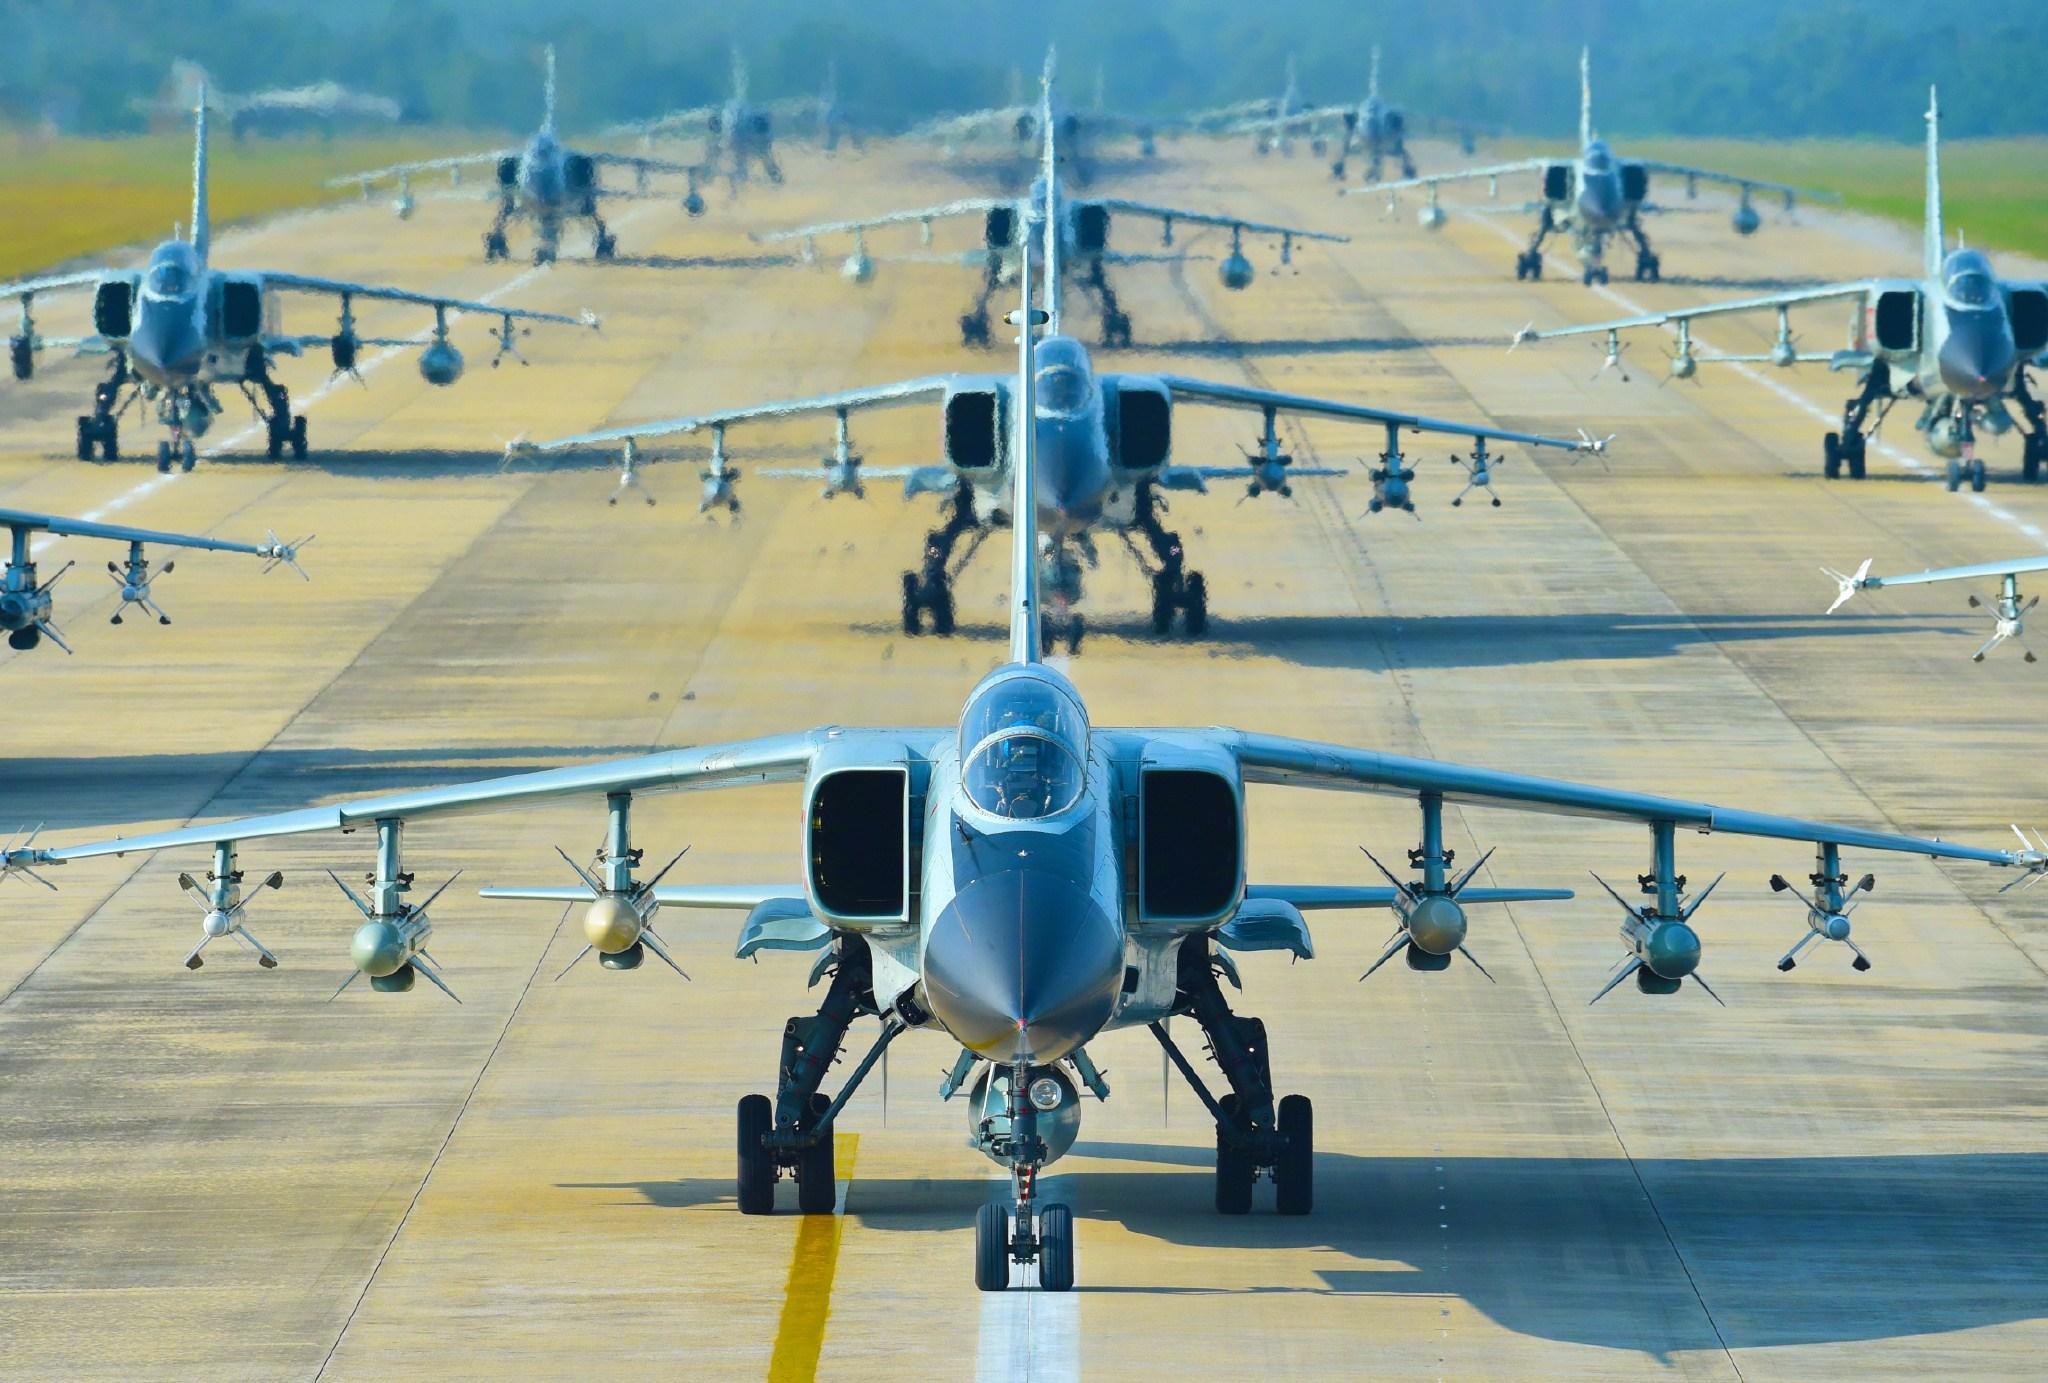 歼轰7A的巅峰时刻:1月内3度杀出国门备战,风头盖过歼16